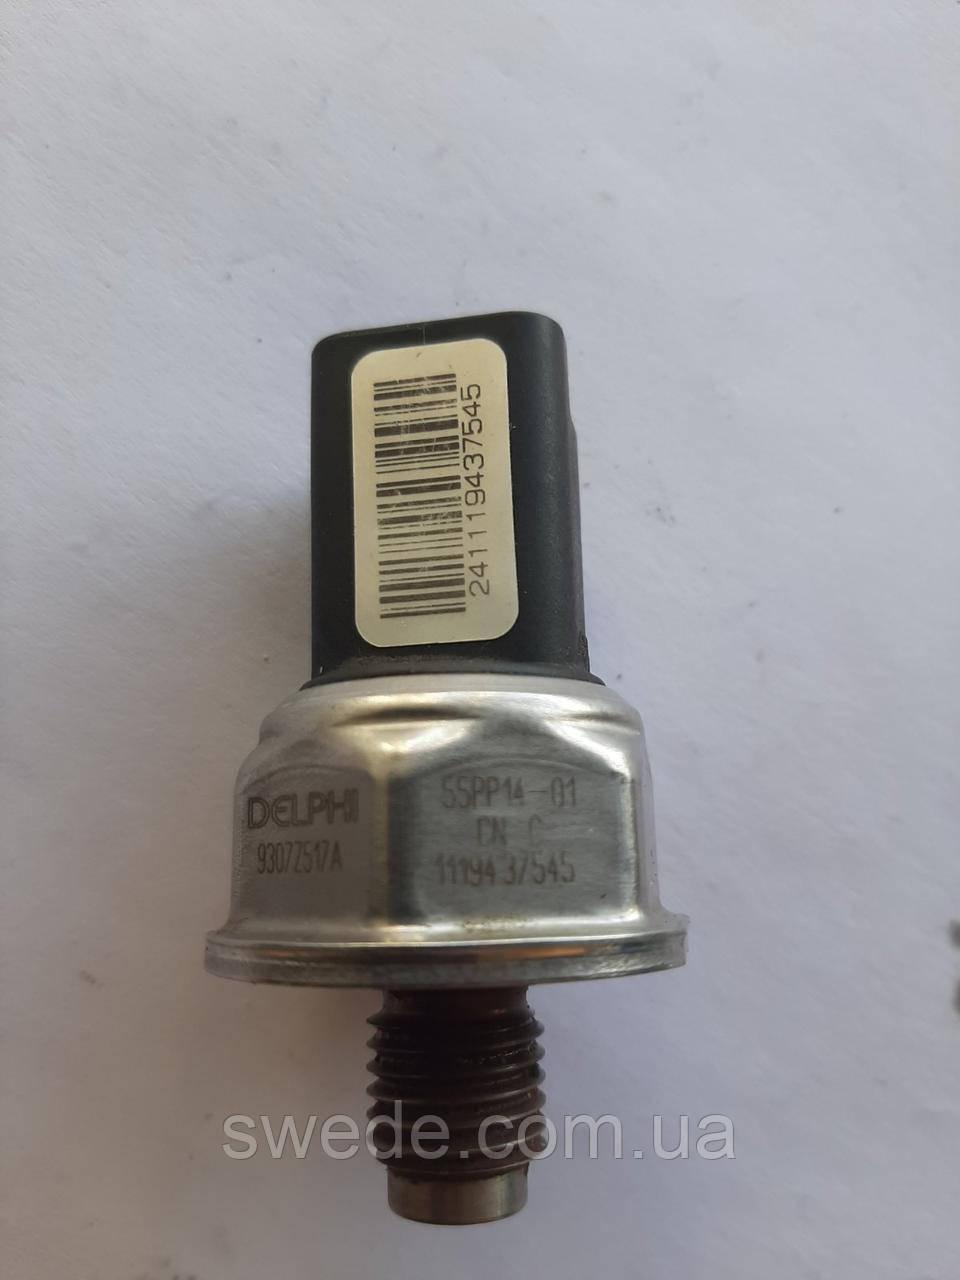 Датчик давления топлива Renault Kangoo 1.5 DCI 2008-2013 гг 9307Z517A